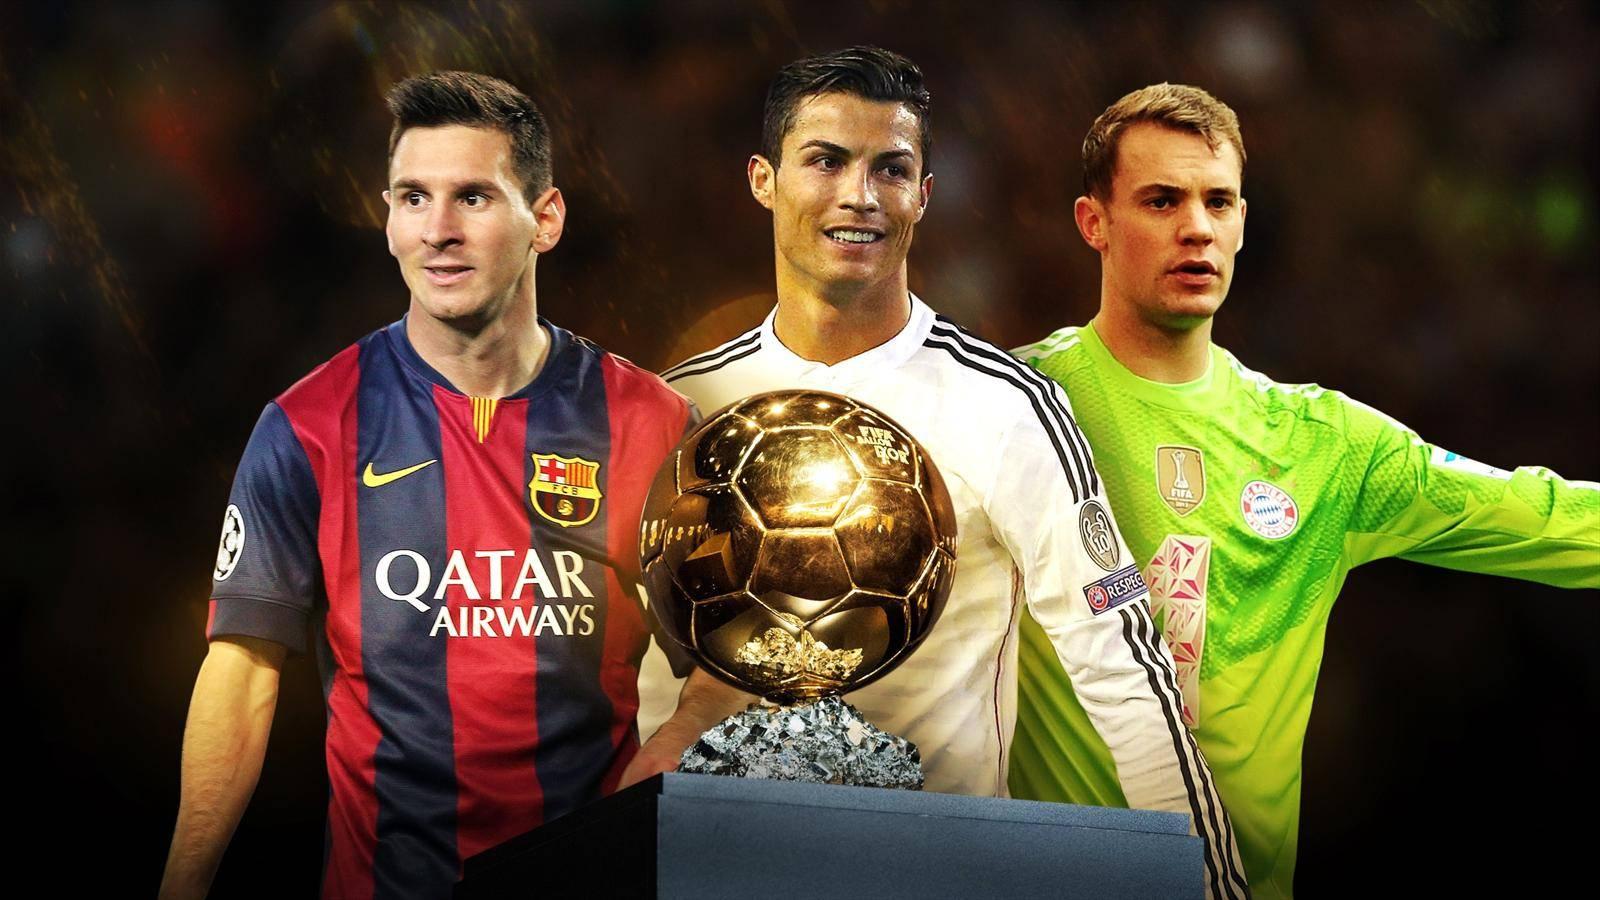 رونالدو، مسی و نویر,اخبار فوتبال,خبرهای فوتبال,اخبار فوتبال جهان